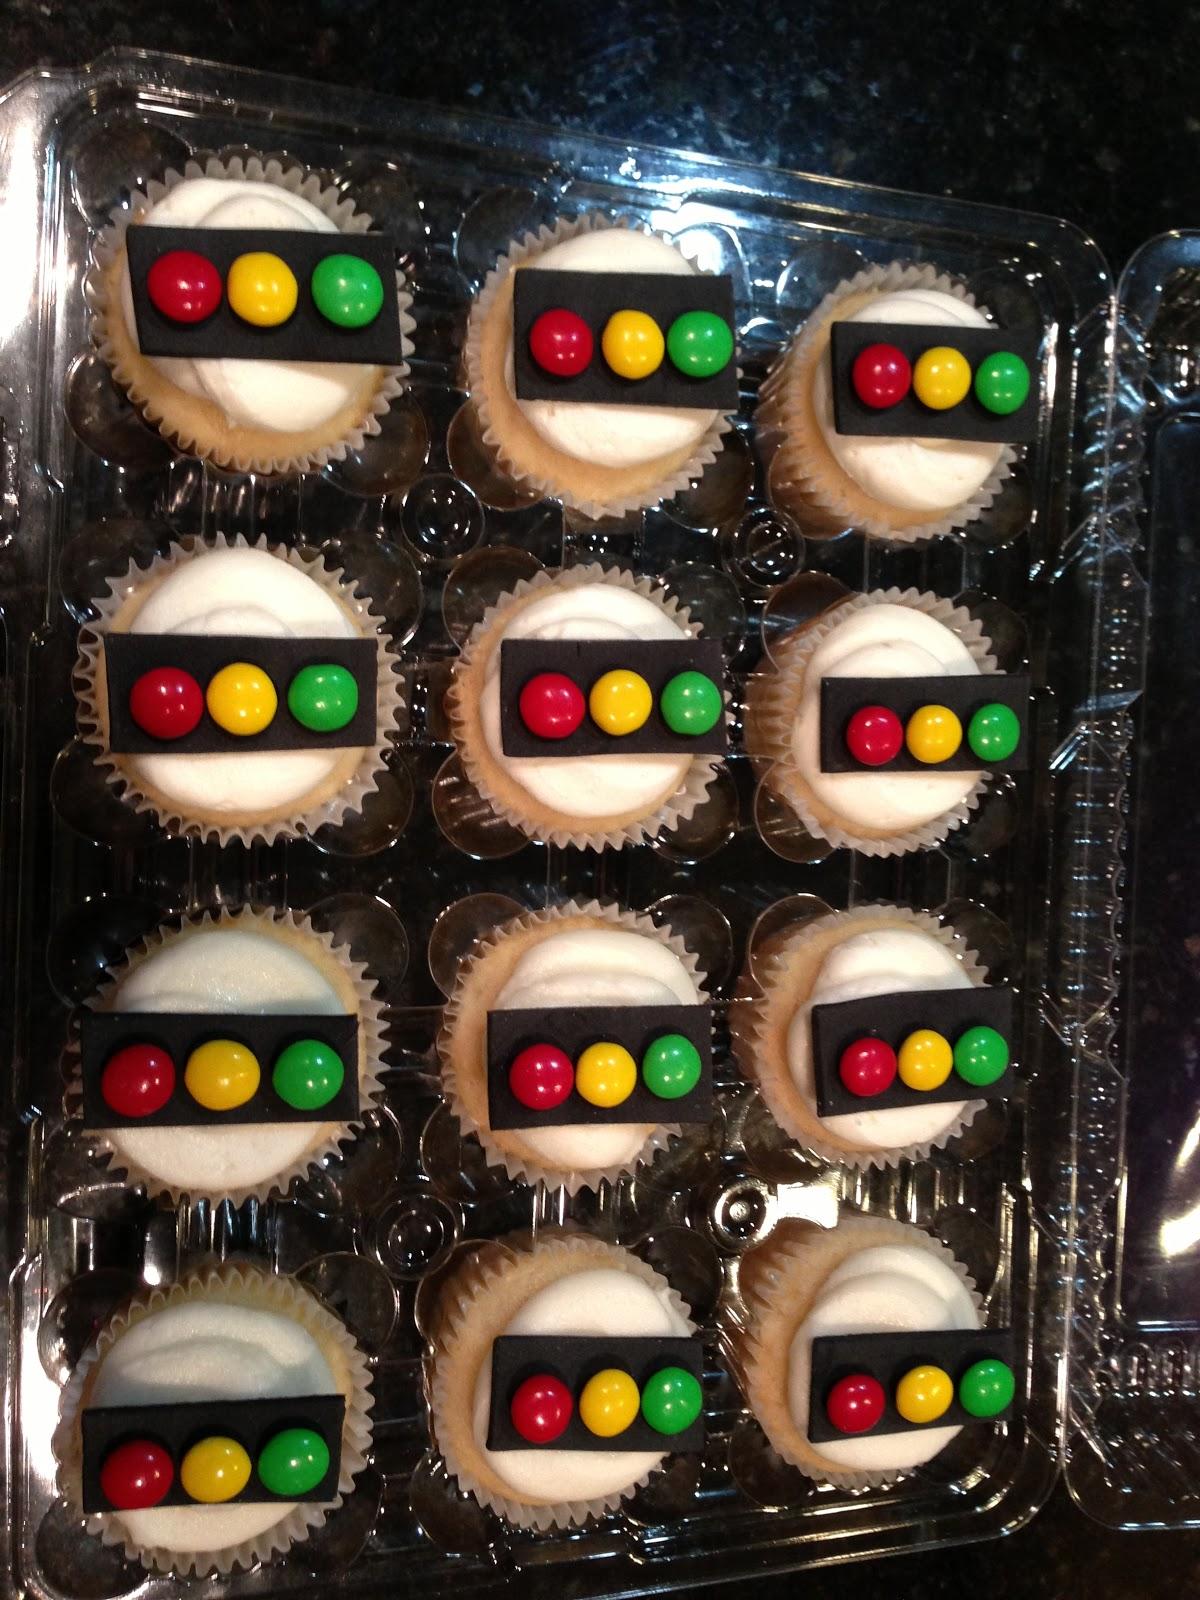 Kara S Cookies Gallery Of Cakes